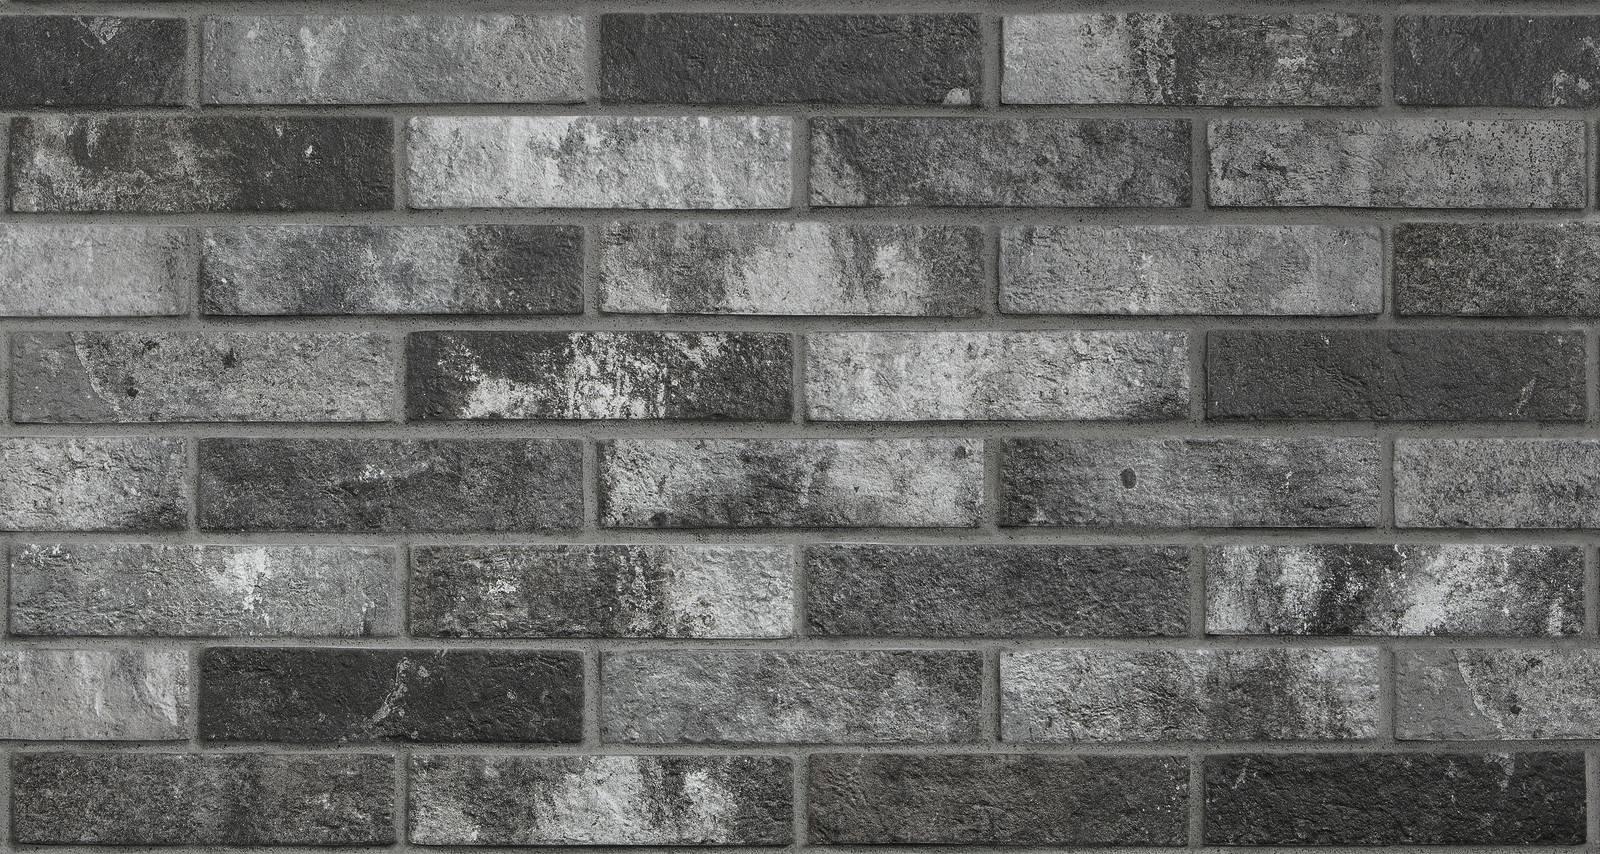 Piastrelle effetto mattoncini finest gres effetto pietra ricostruita e laterizio scopri mattoni - Piastrelle effetto mattone ...